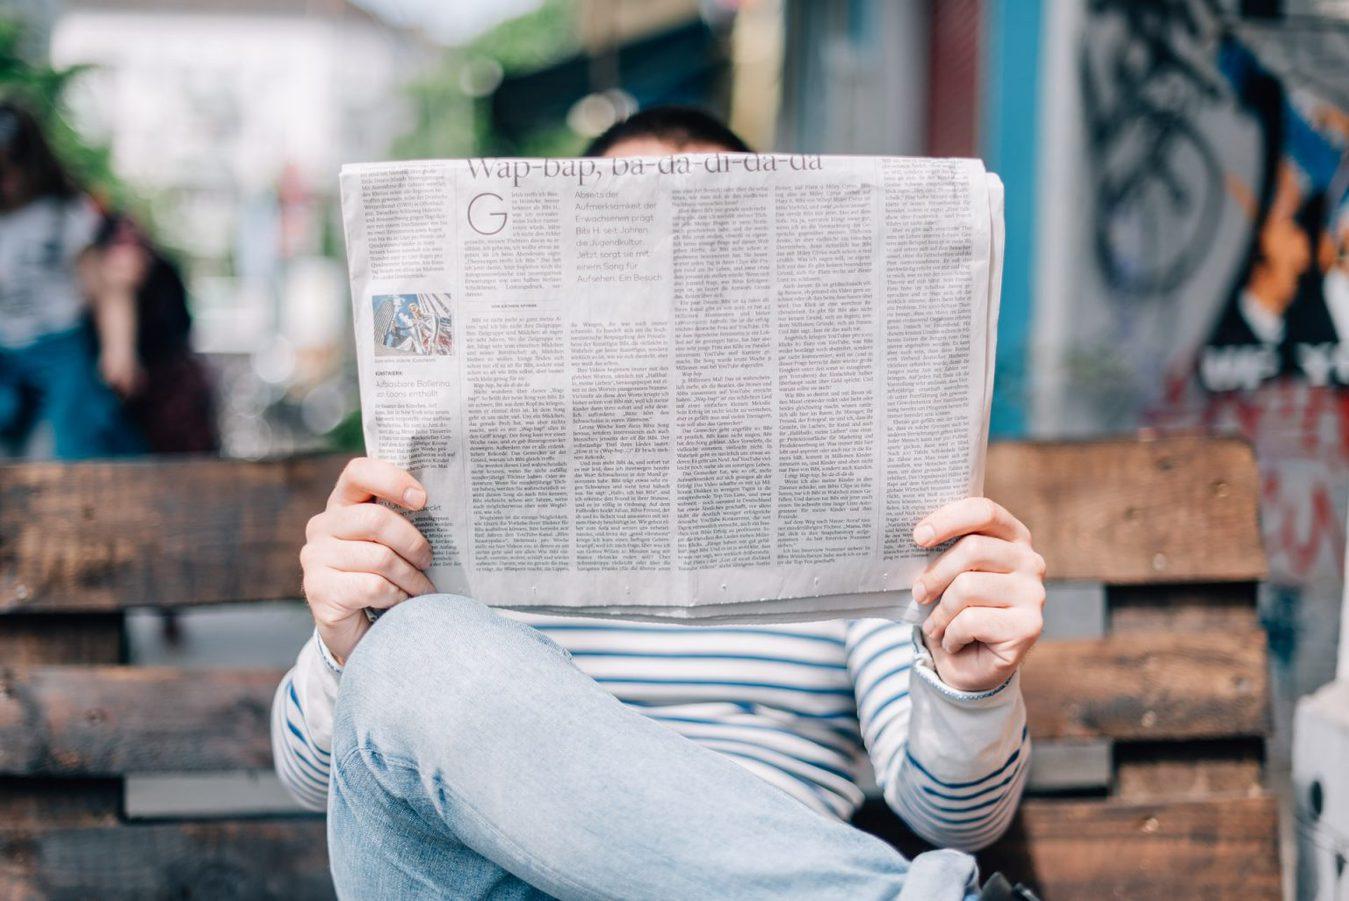 Een persoon die buiten op een bankje een krant leest